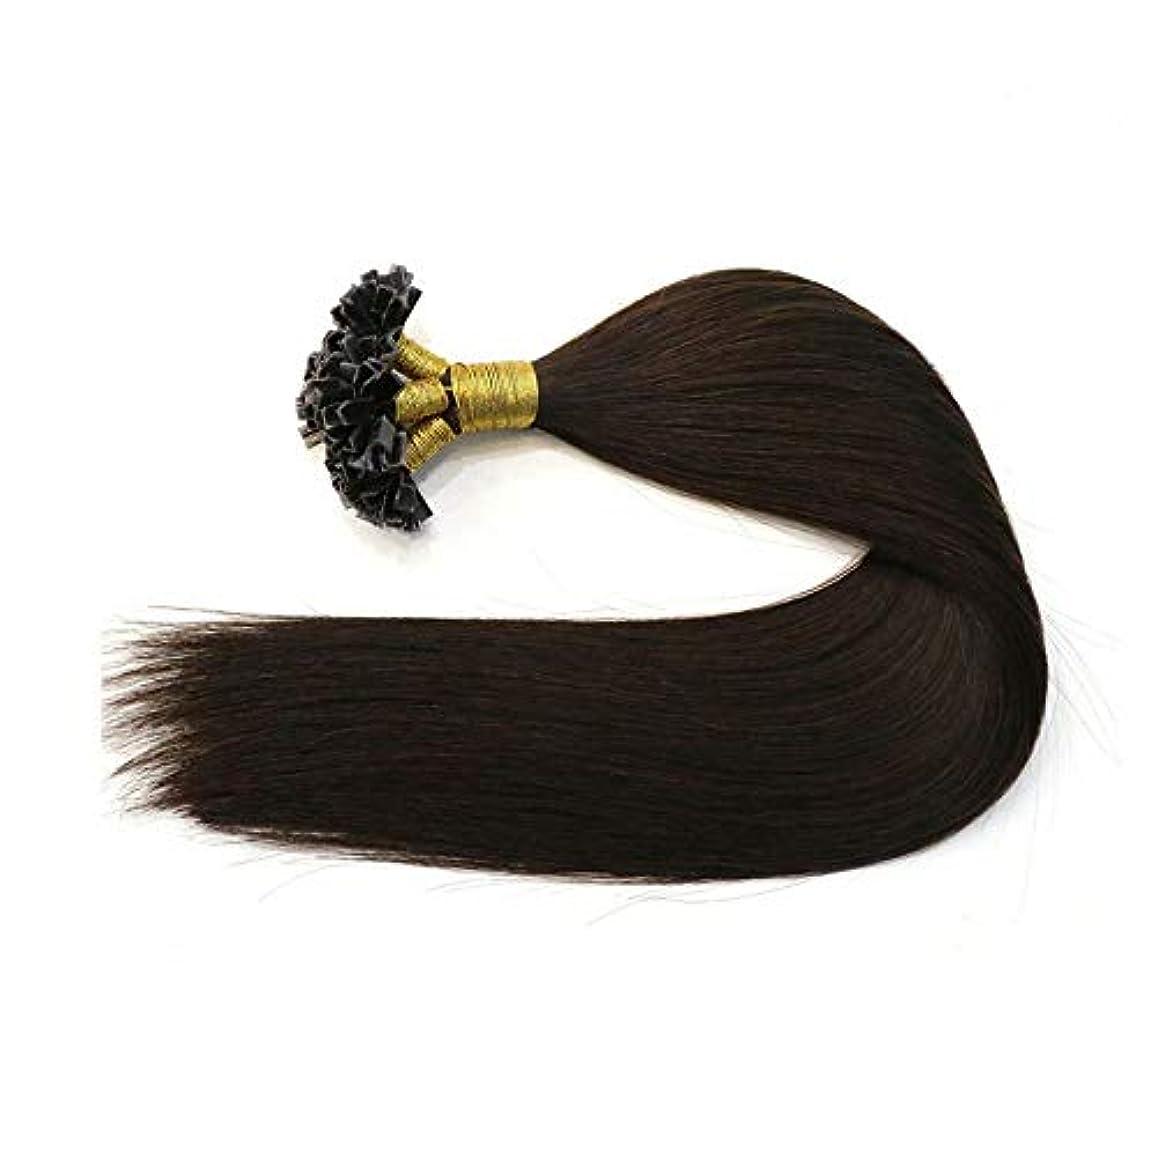 祝うヨーグルト計算WASAIO ナチュラルヘアエクステンションクリップ裏地なし髪型ブラックFusionの人間の髪の拡張機能レミーブラジルの髪の連続 (色 : 黒, サイズ : 14 inch)